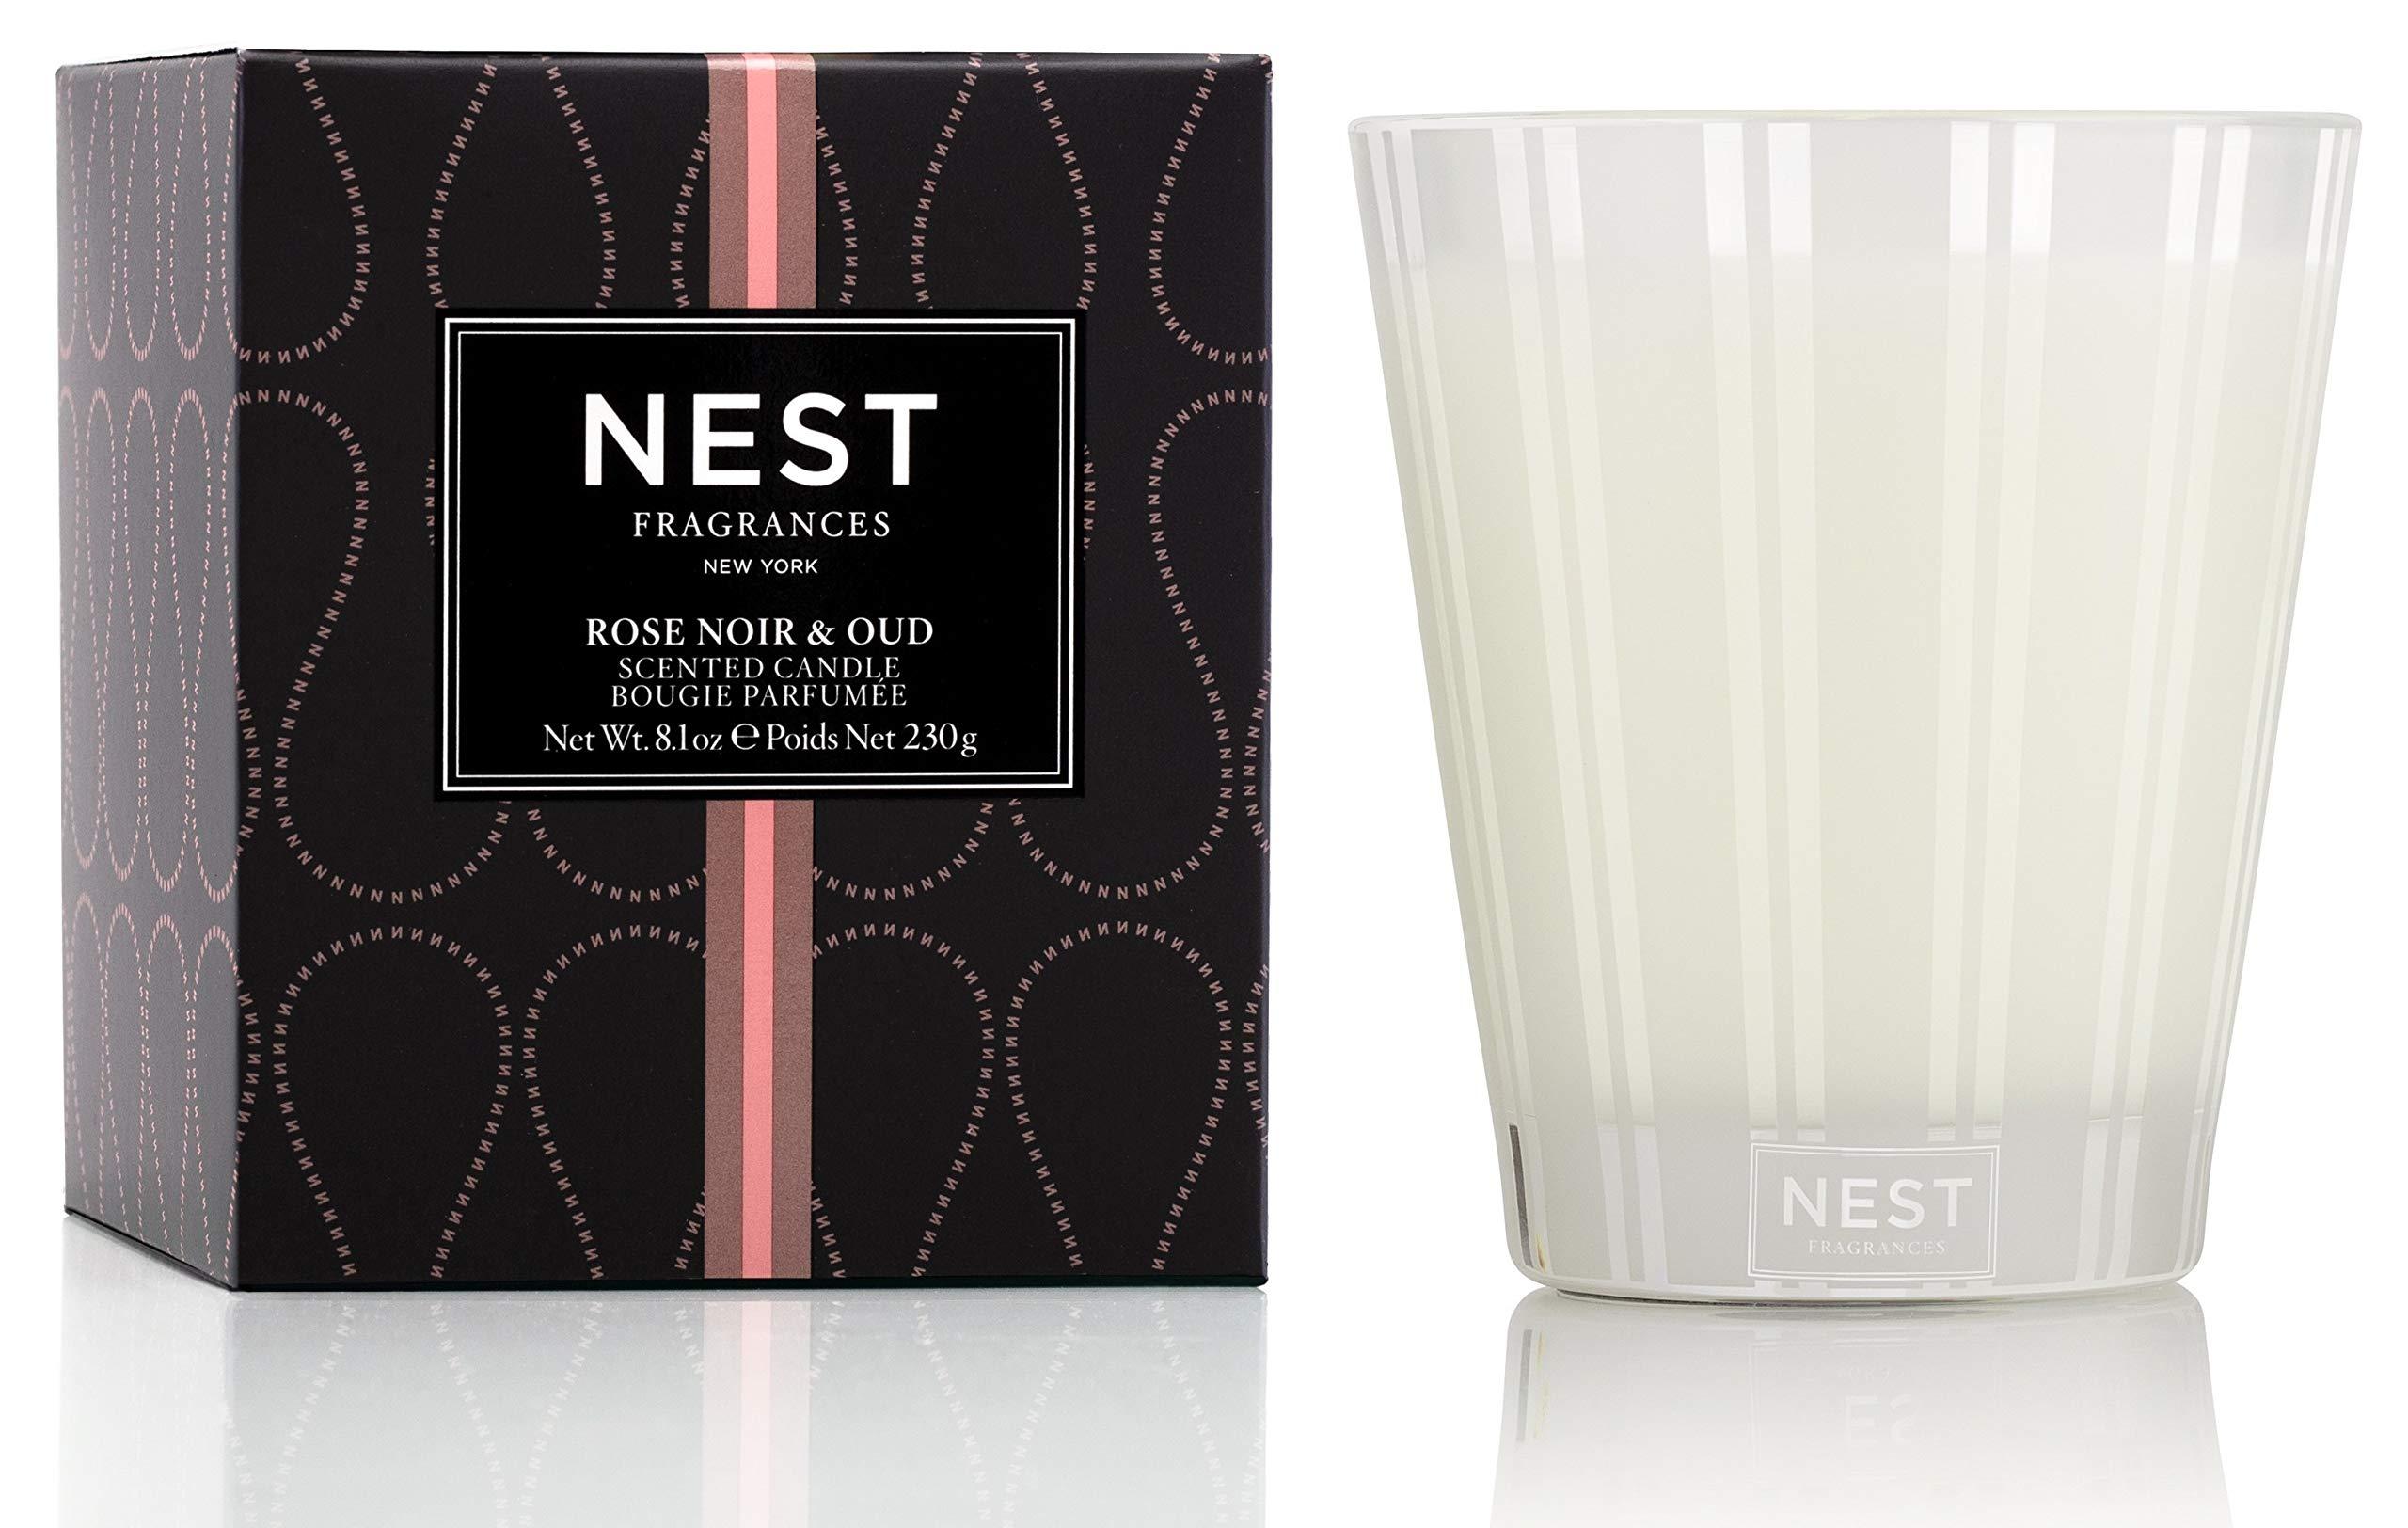 NEST Fragrances Classic Candle Rose Noir & Oud 8.1 oz 8 Ounce